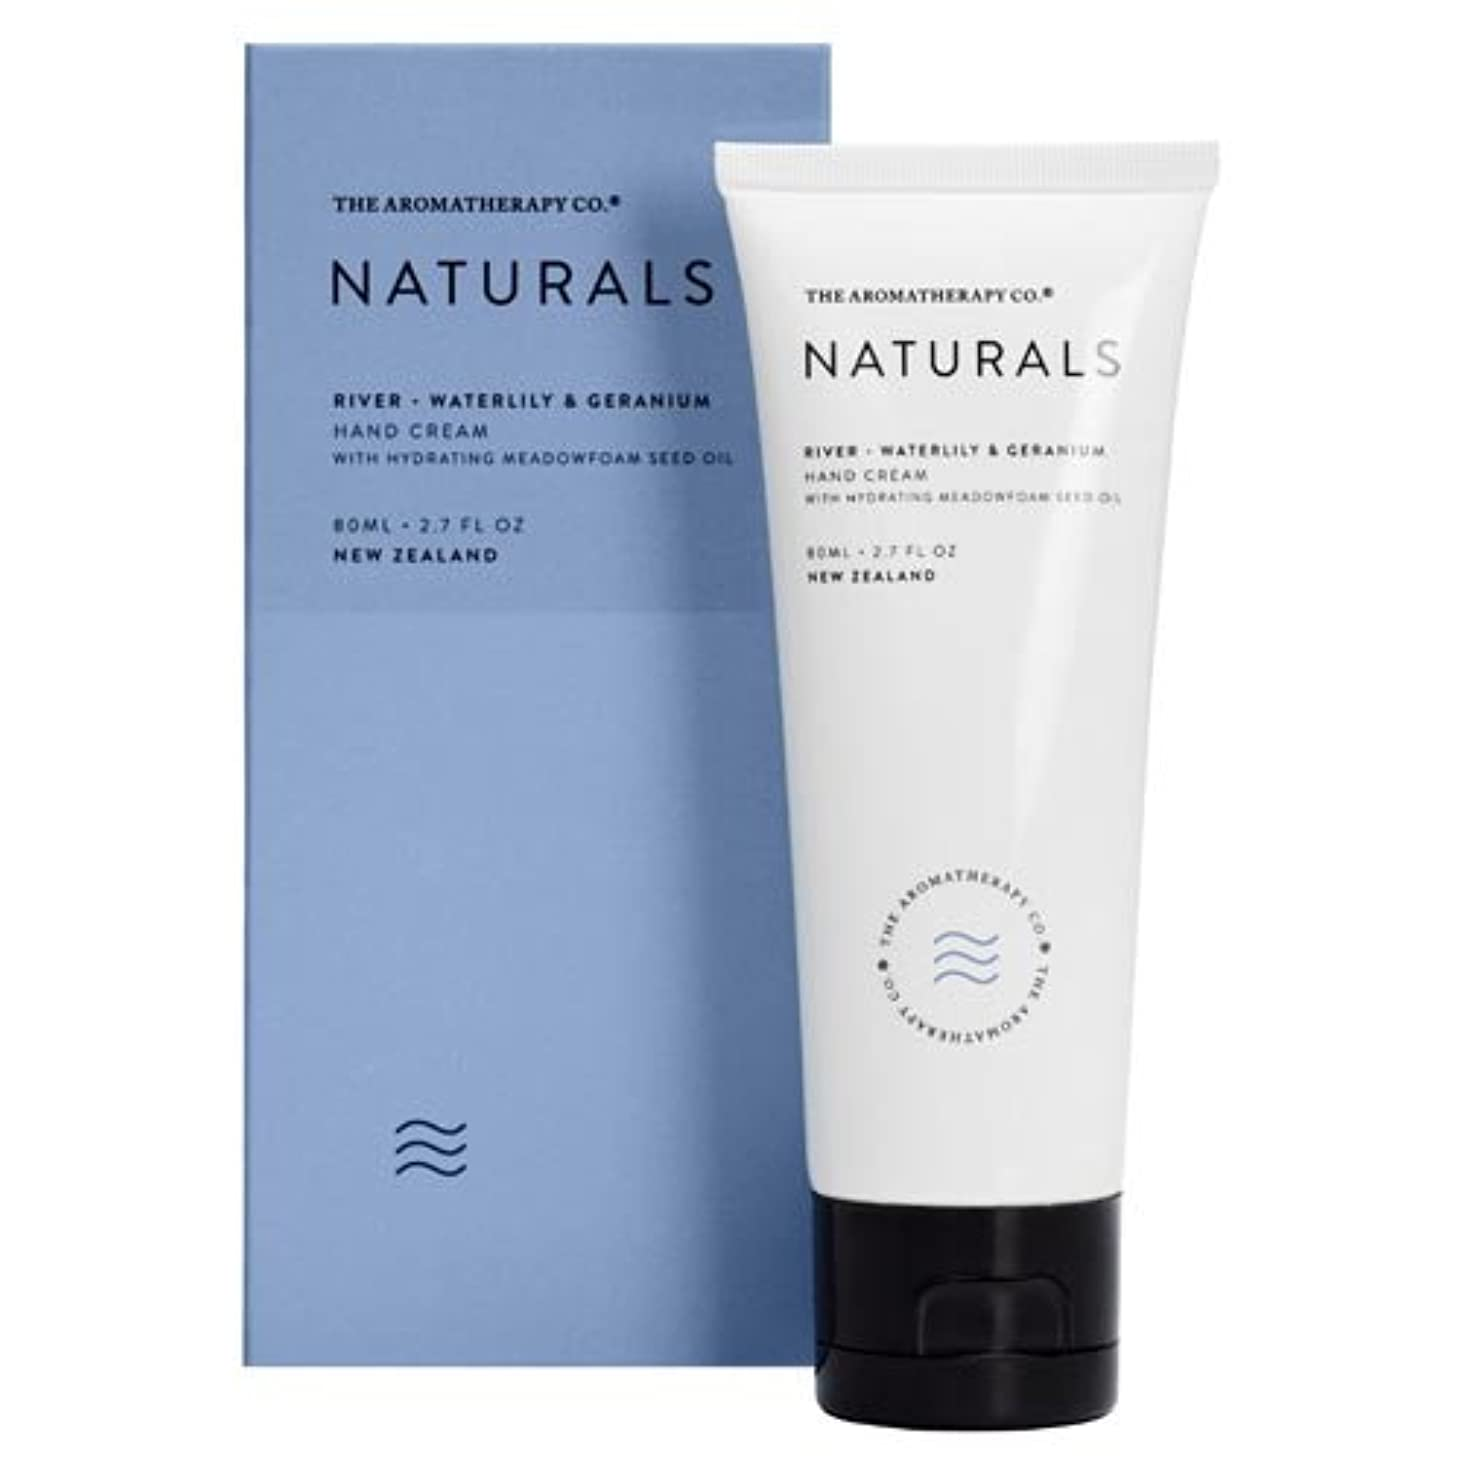 含意あなたは歌手new NATURALS ナチュラルズ Hand Cream ハンドクリーム River リバー(川)Waterlily & Geranium ウォーターリリー&ゼラニウム